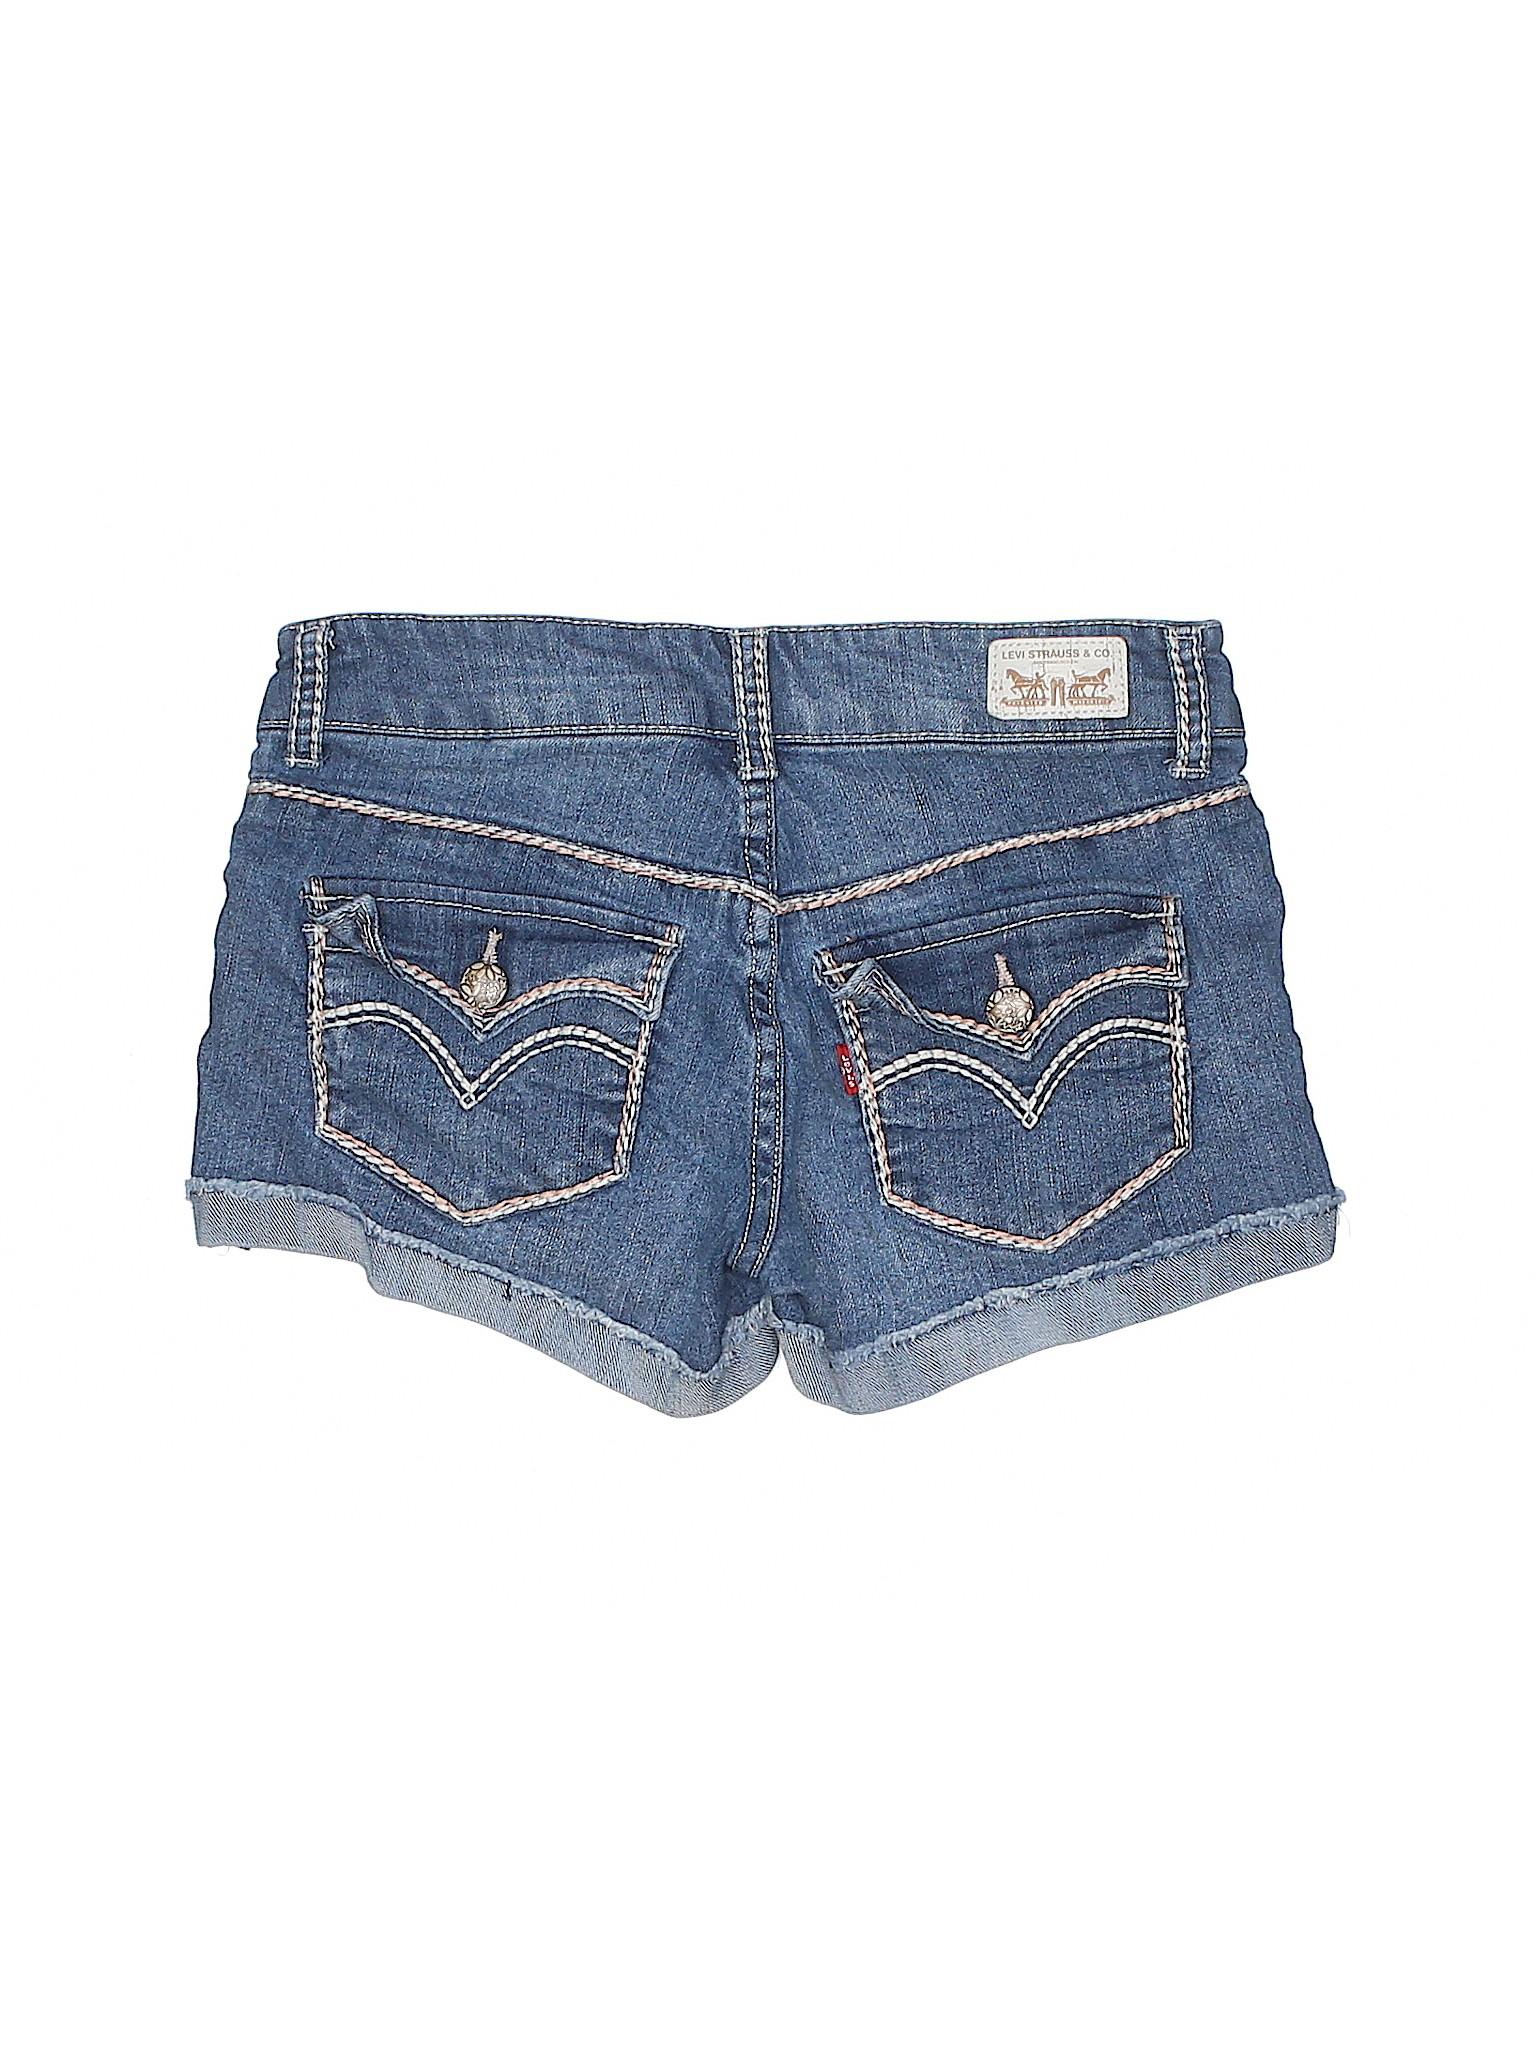 Denim Levi's Boutique Shorts Levi's Boutique Shorts Denim Levi's Shorts Denim Denim Shorts Boutique Boutique Levi's Boutique C6Rxwaqx